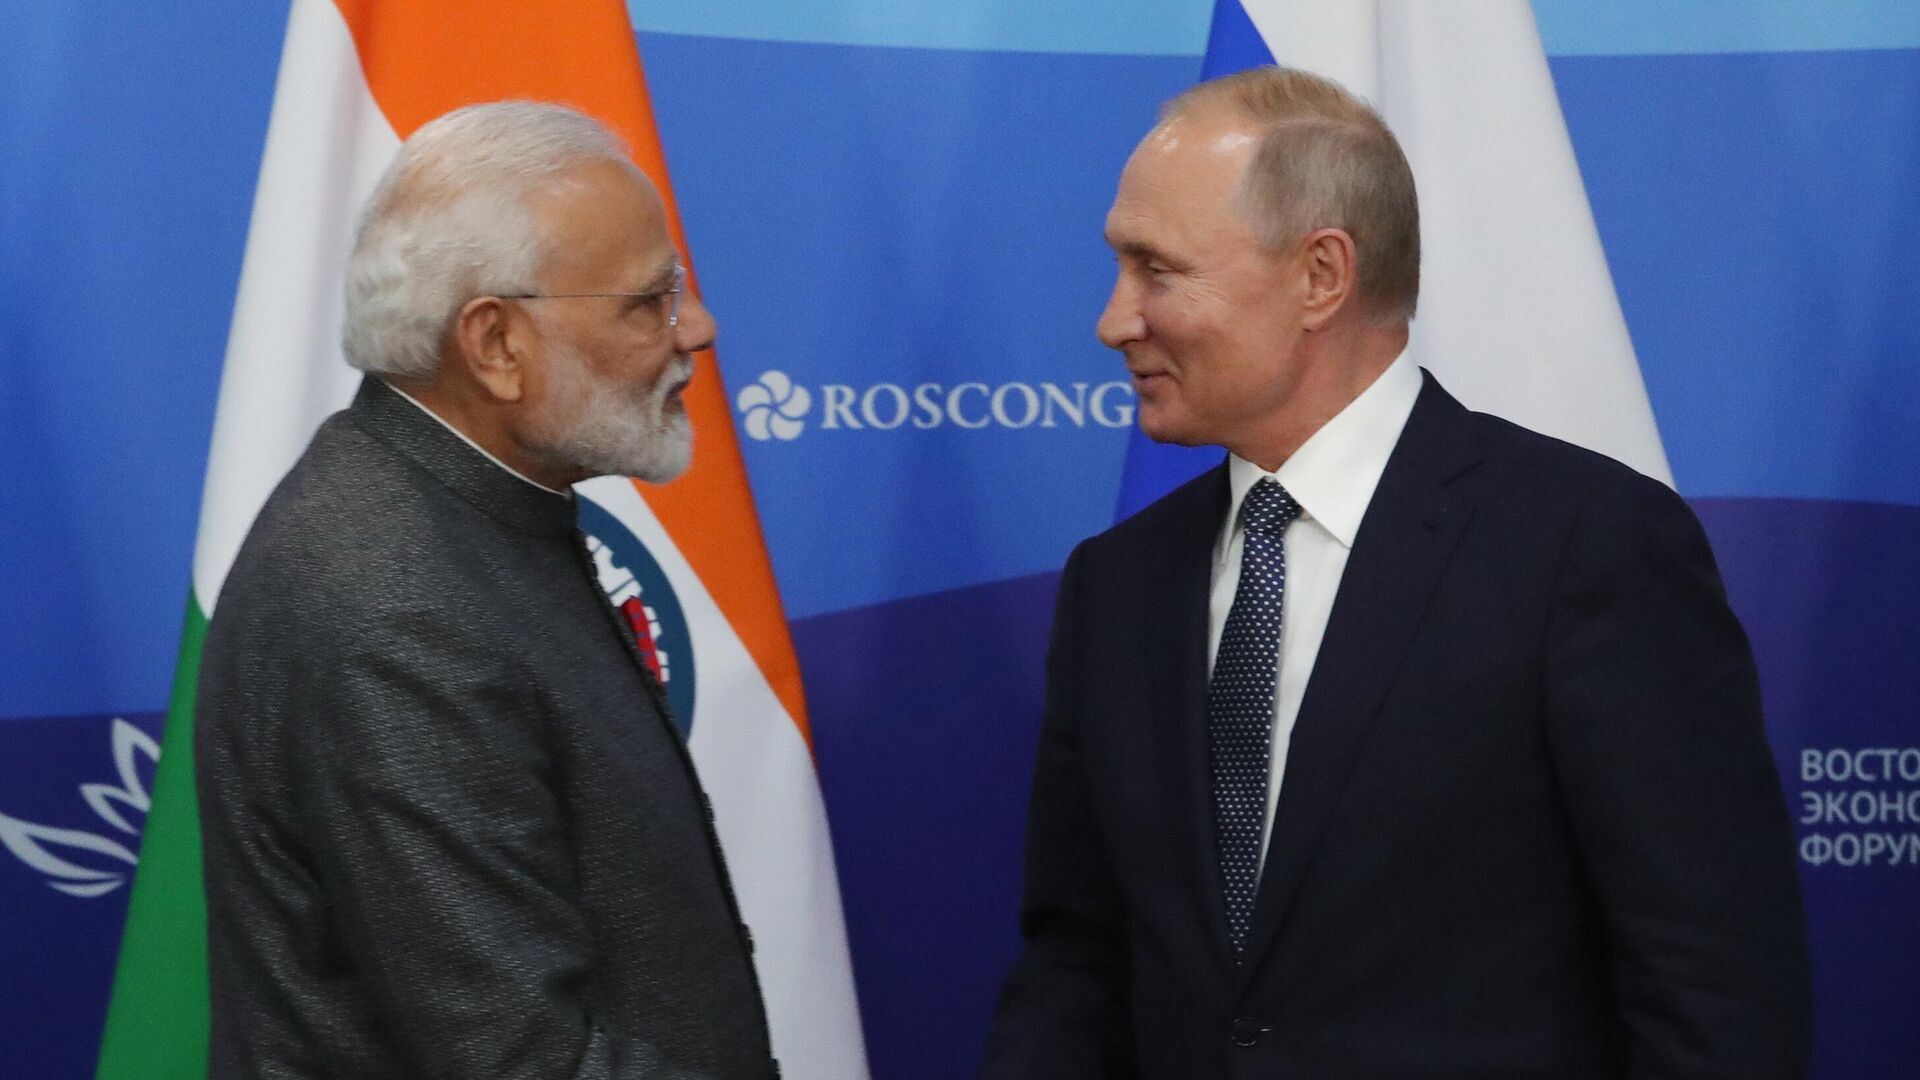 Моди назвал разговор с Путиным отличным